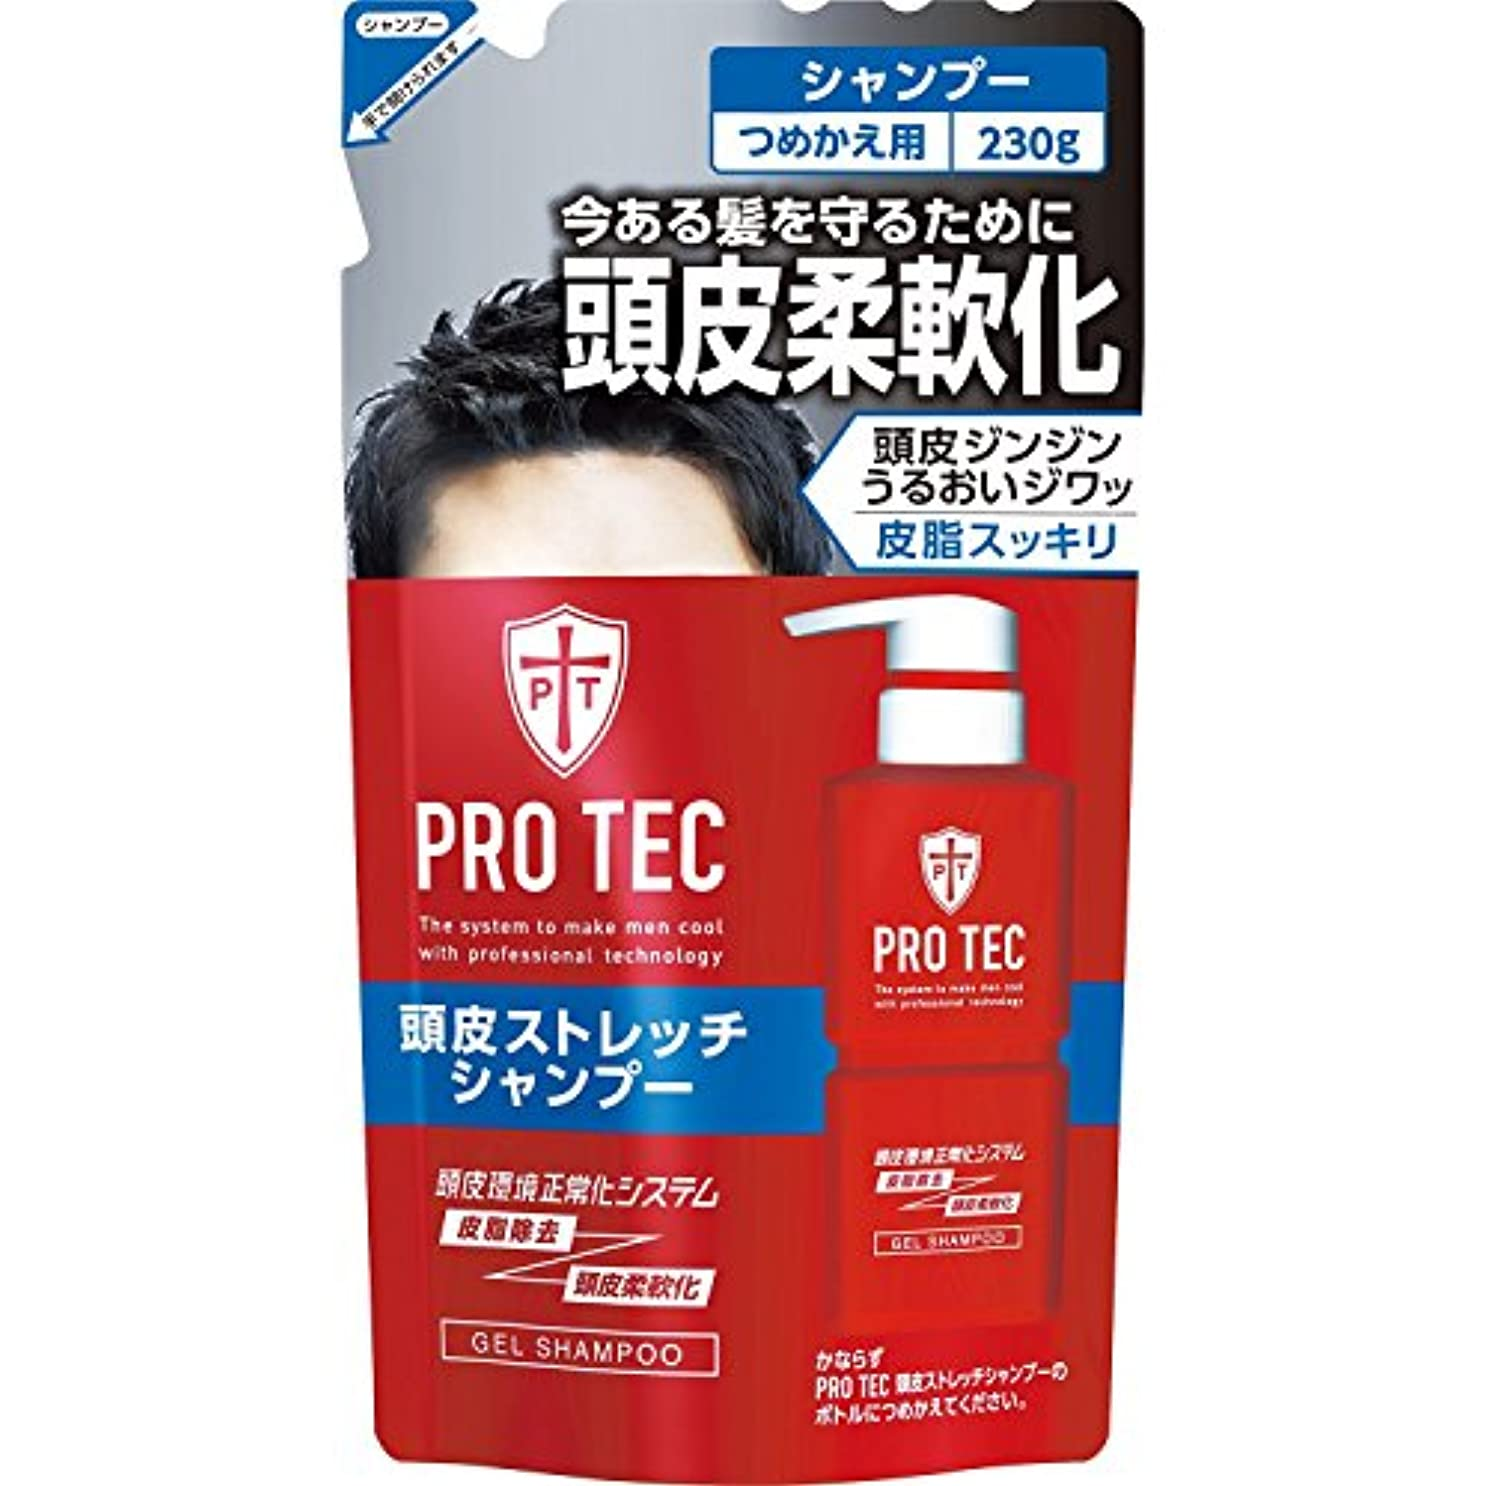 魔術師誓いメガロポリスPRO TEC(プロテク) 頭皮ストレッチシャンプー つめかえ用 230g (医薬部外品) ×10個セット